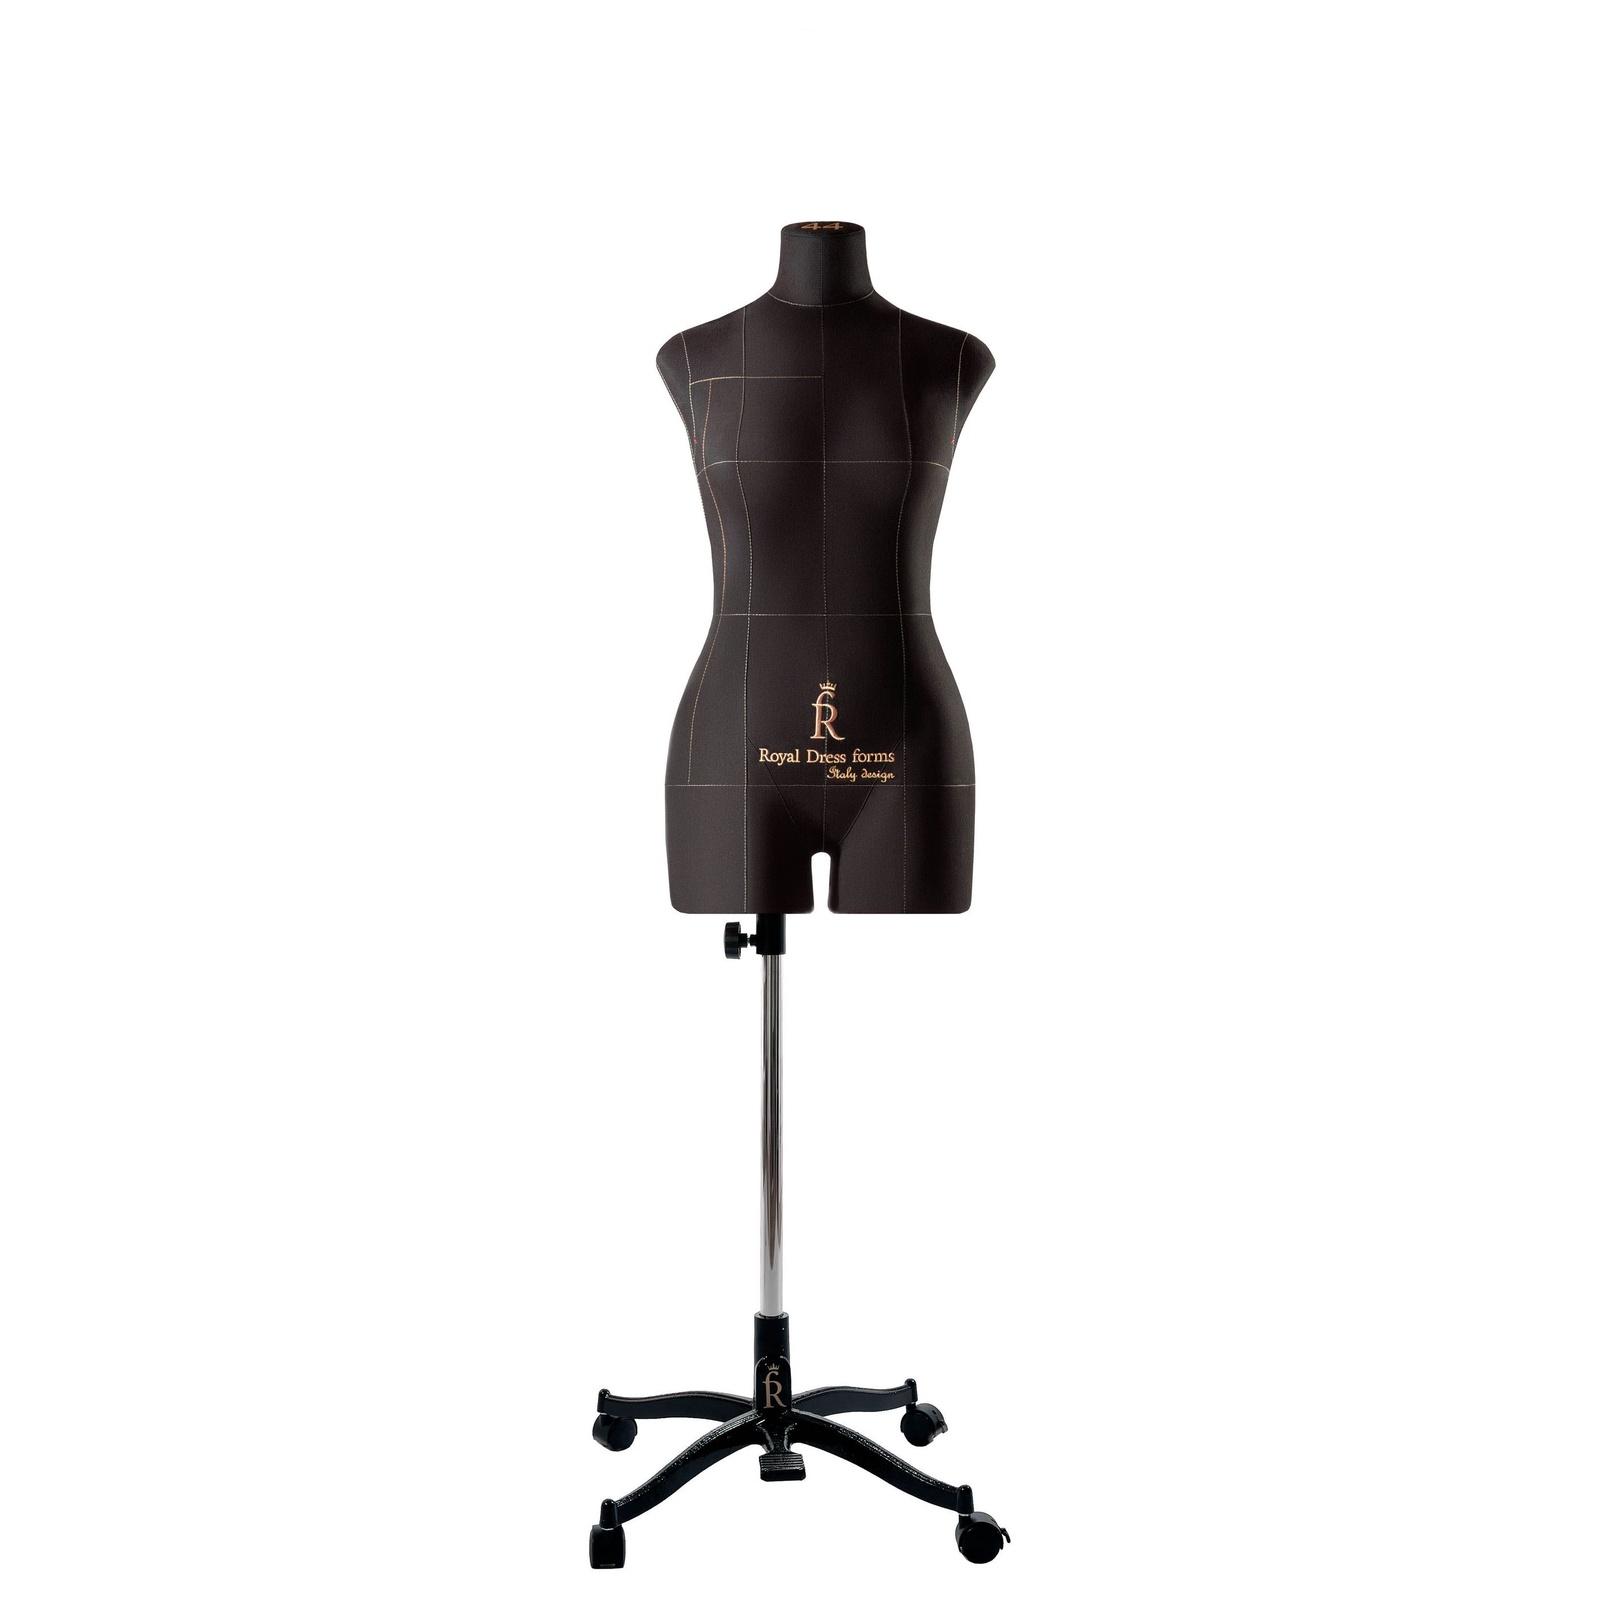 Манекен Royal Dress forms Monica 44 манекен monica размер 52 бежевый